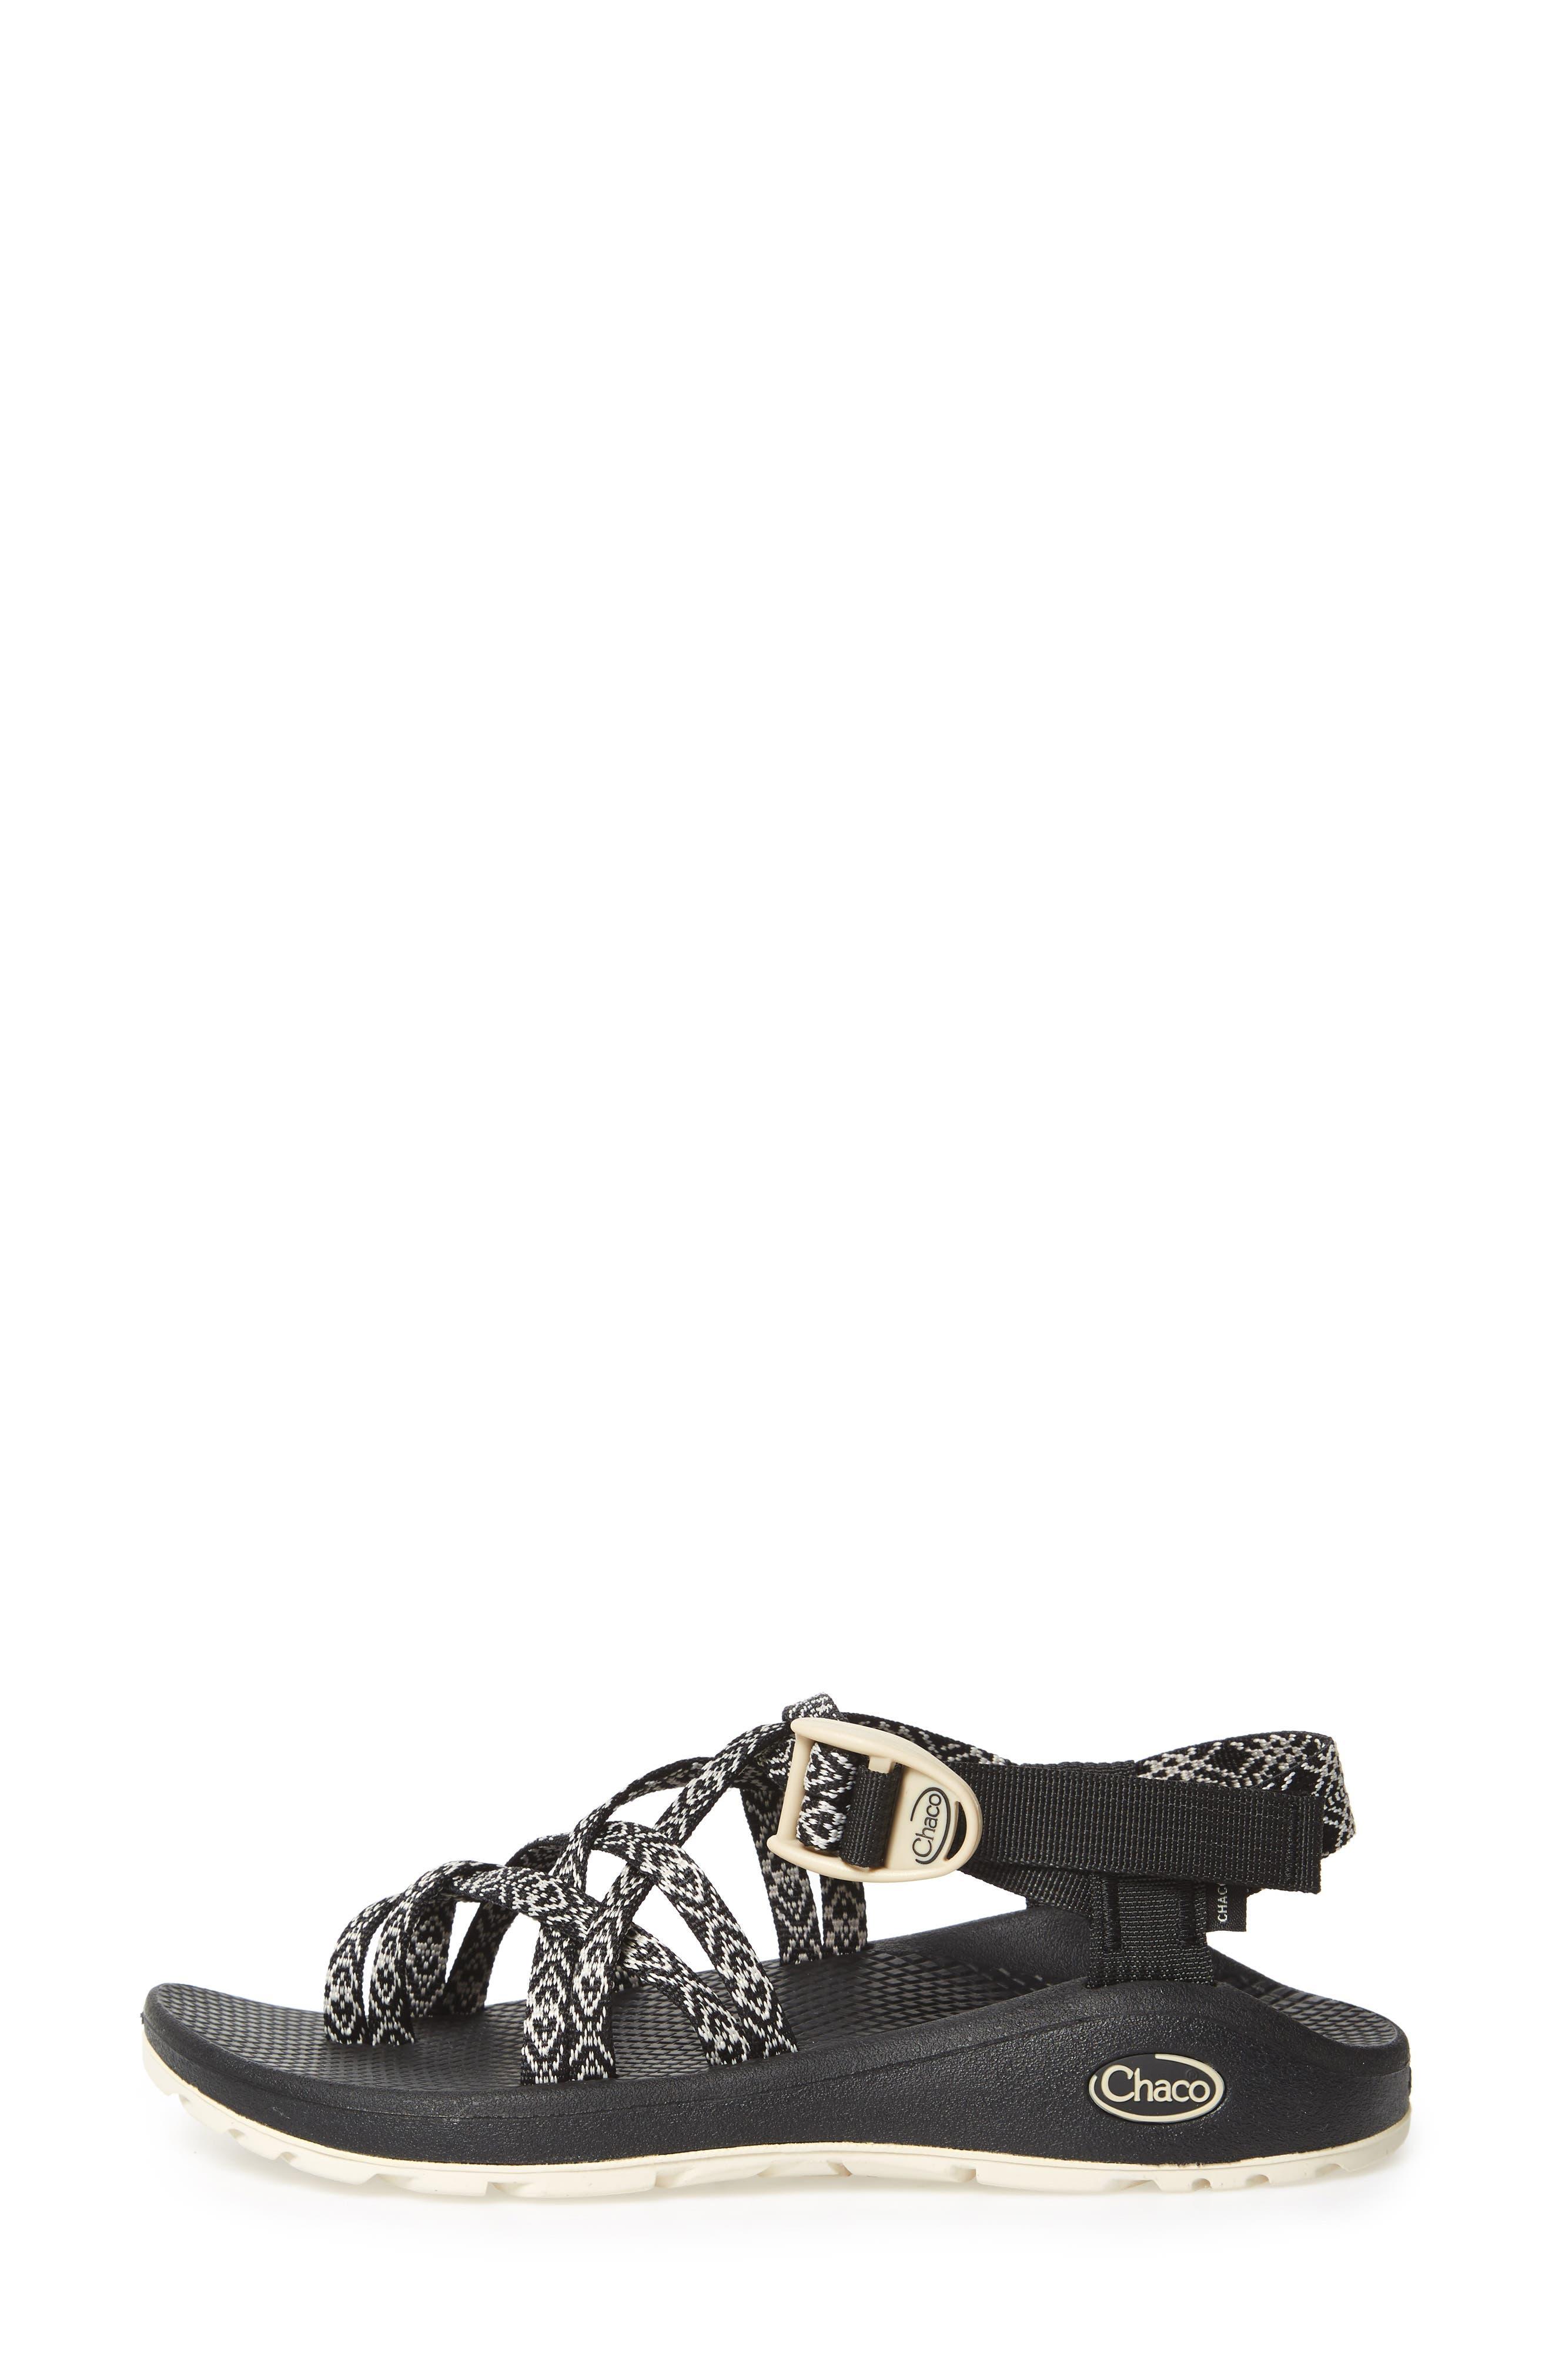 Alternate Image 3  - Chaco Z/Cloud X2 Sandal (Women)